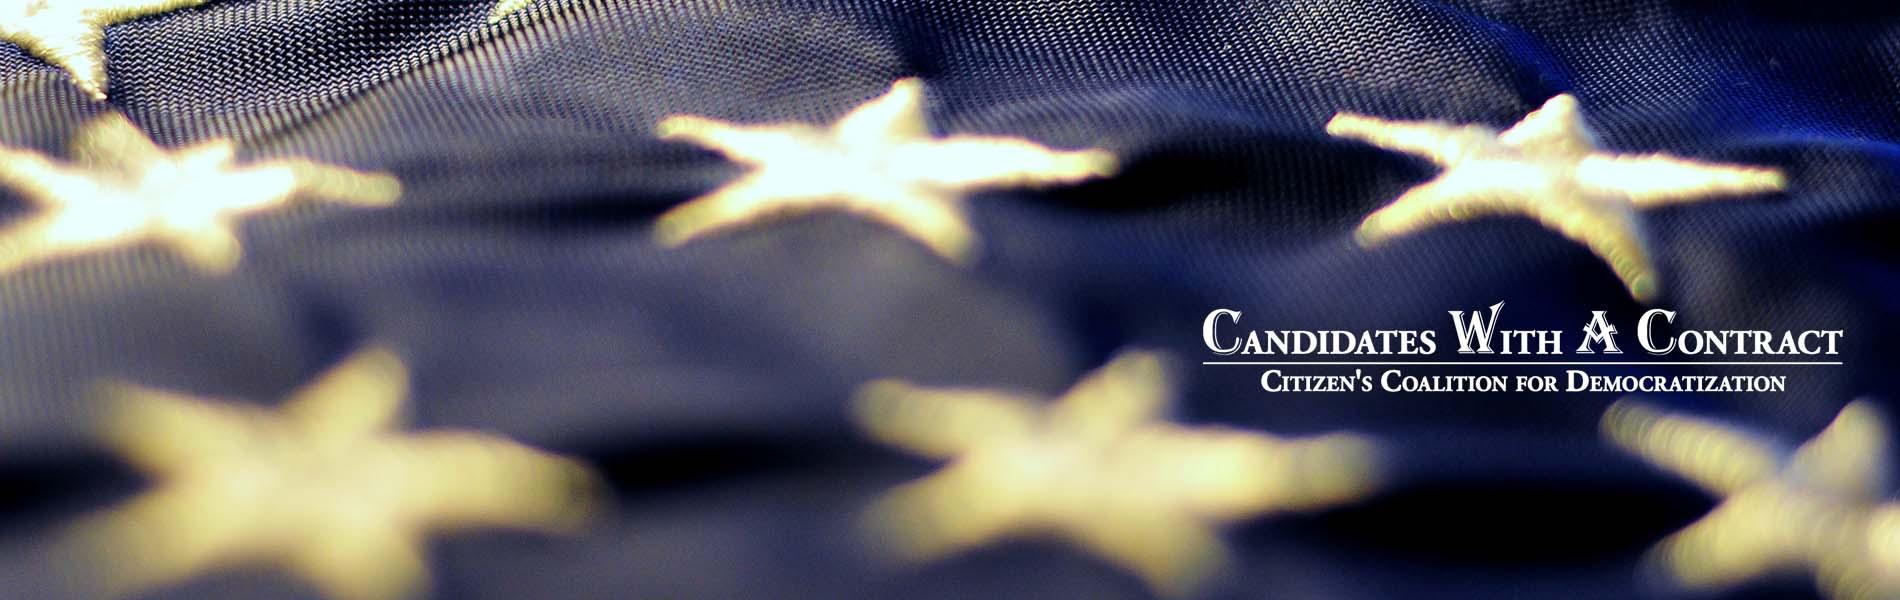 CWAC_Flag_Background_ 1900_600.jpg